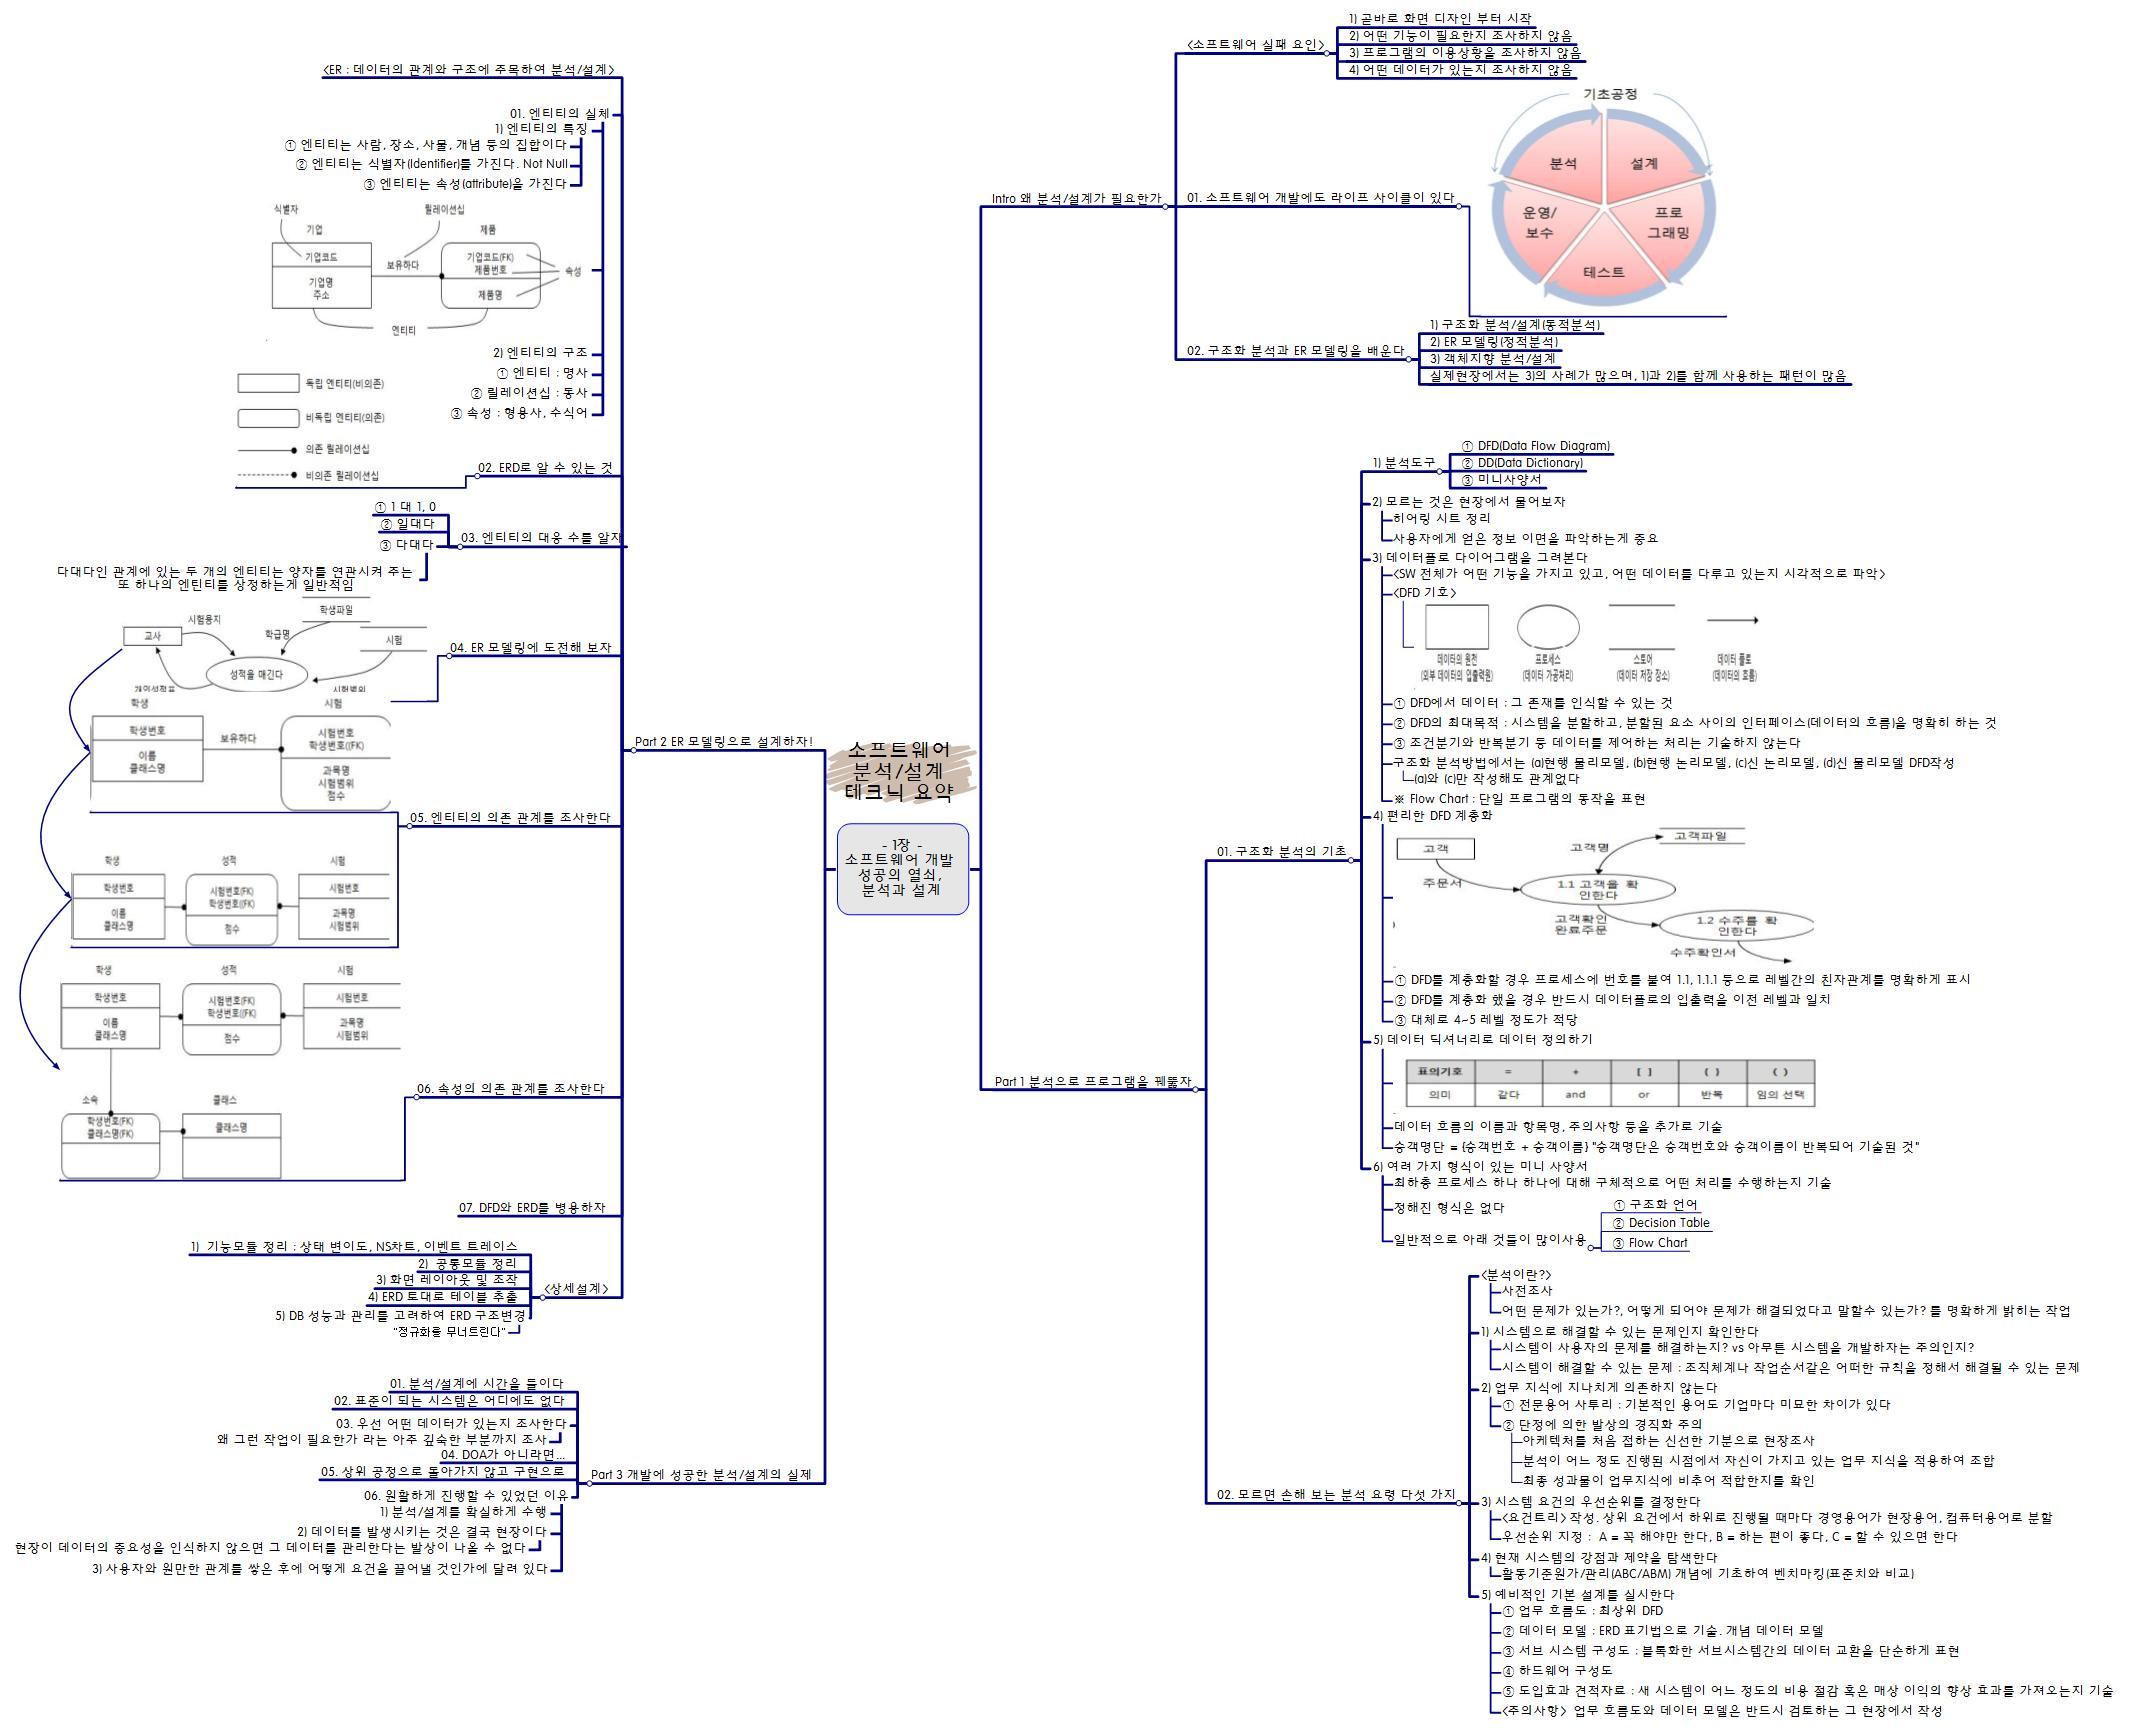 소프트웨어 디자인 패턴